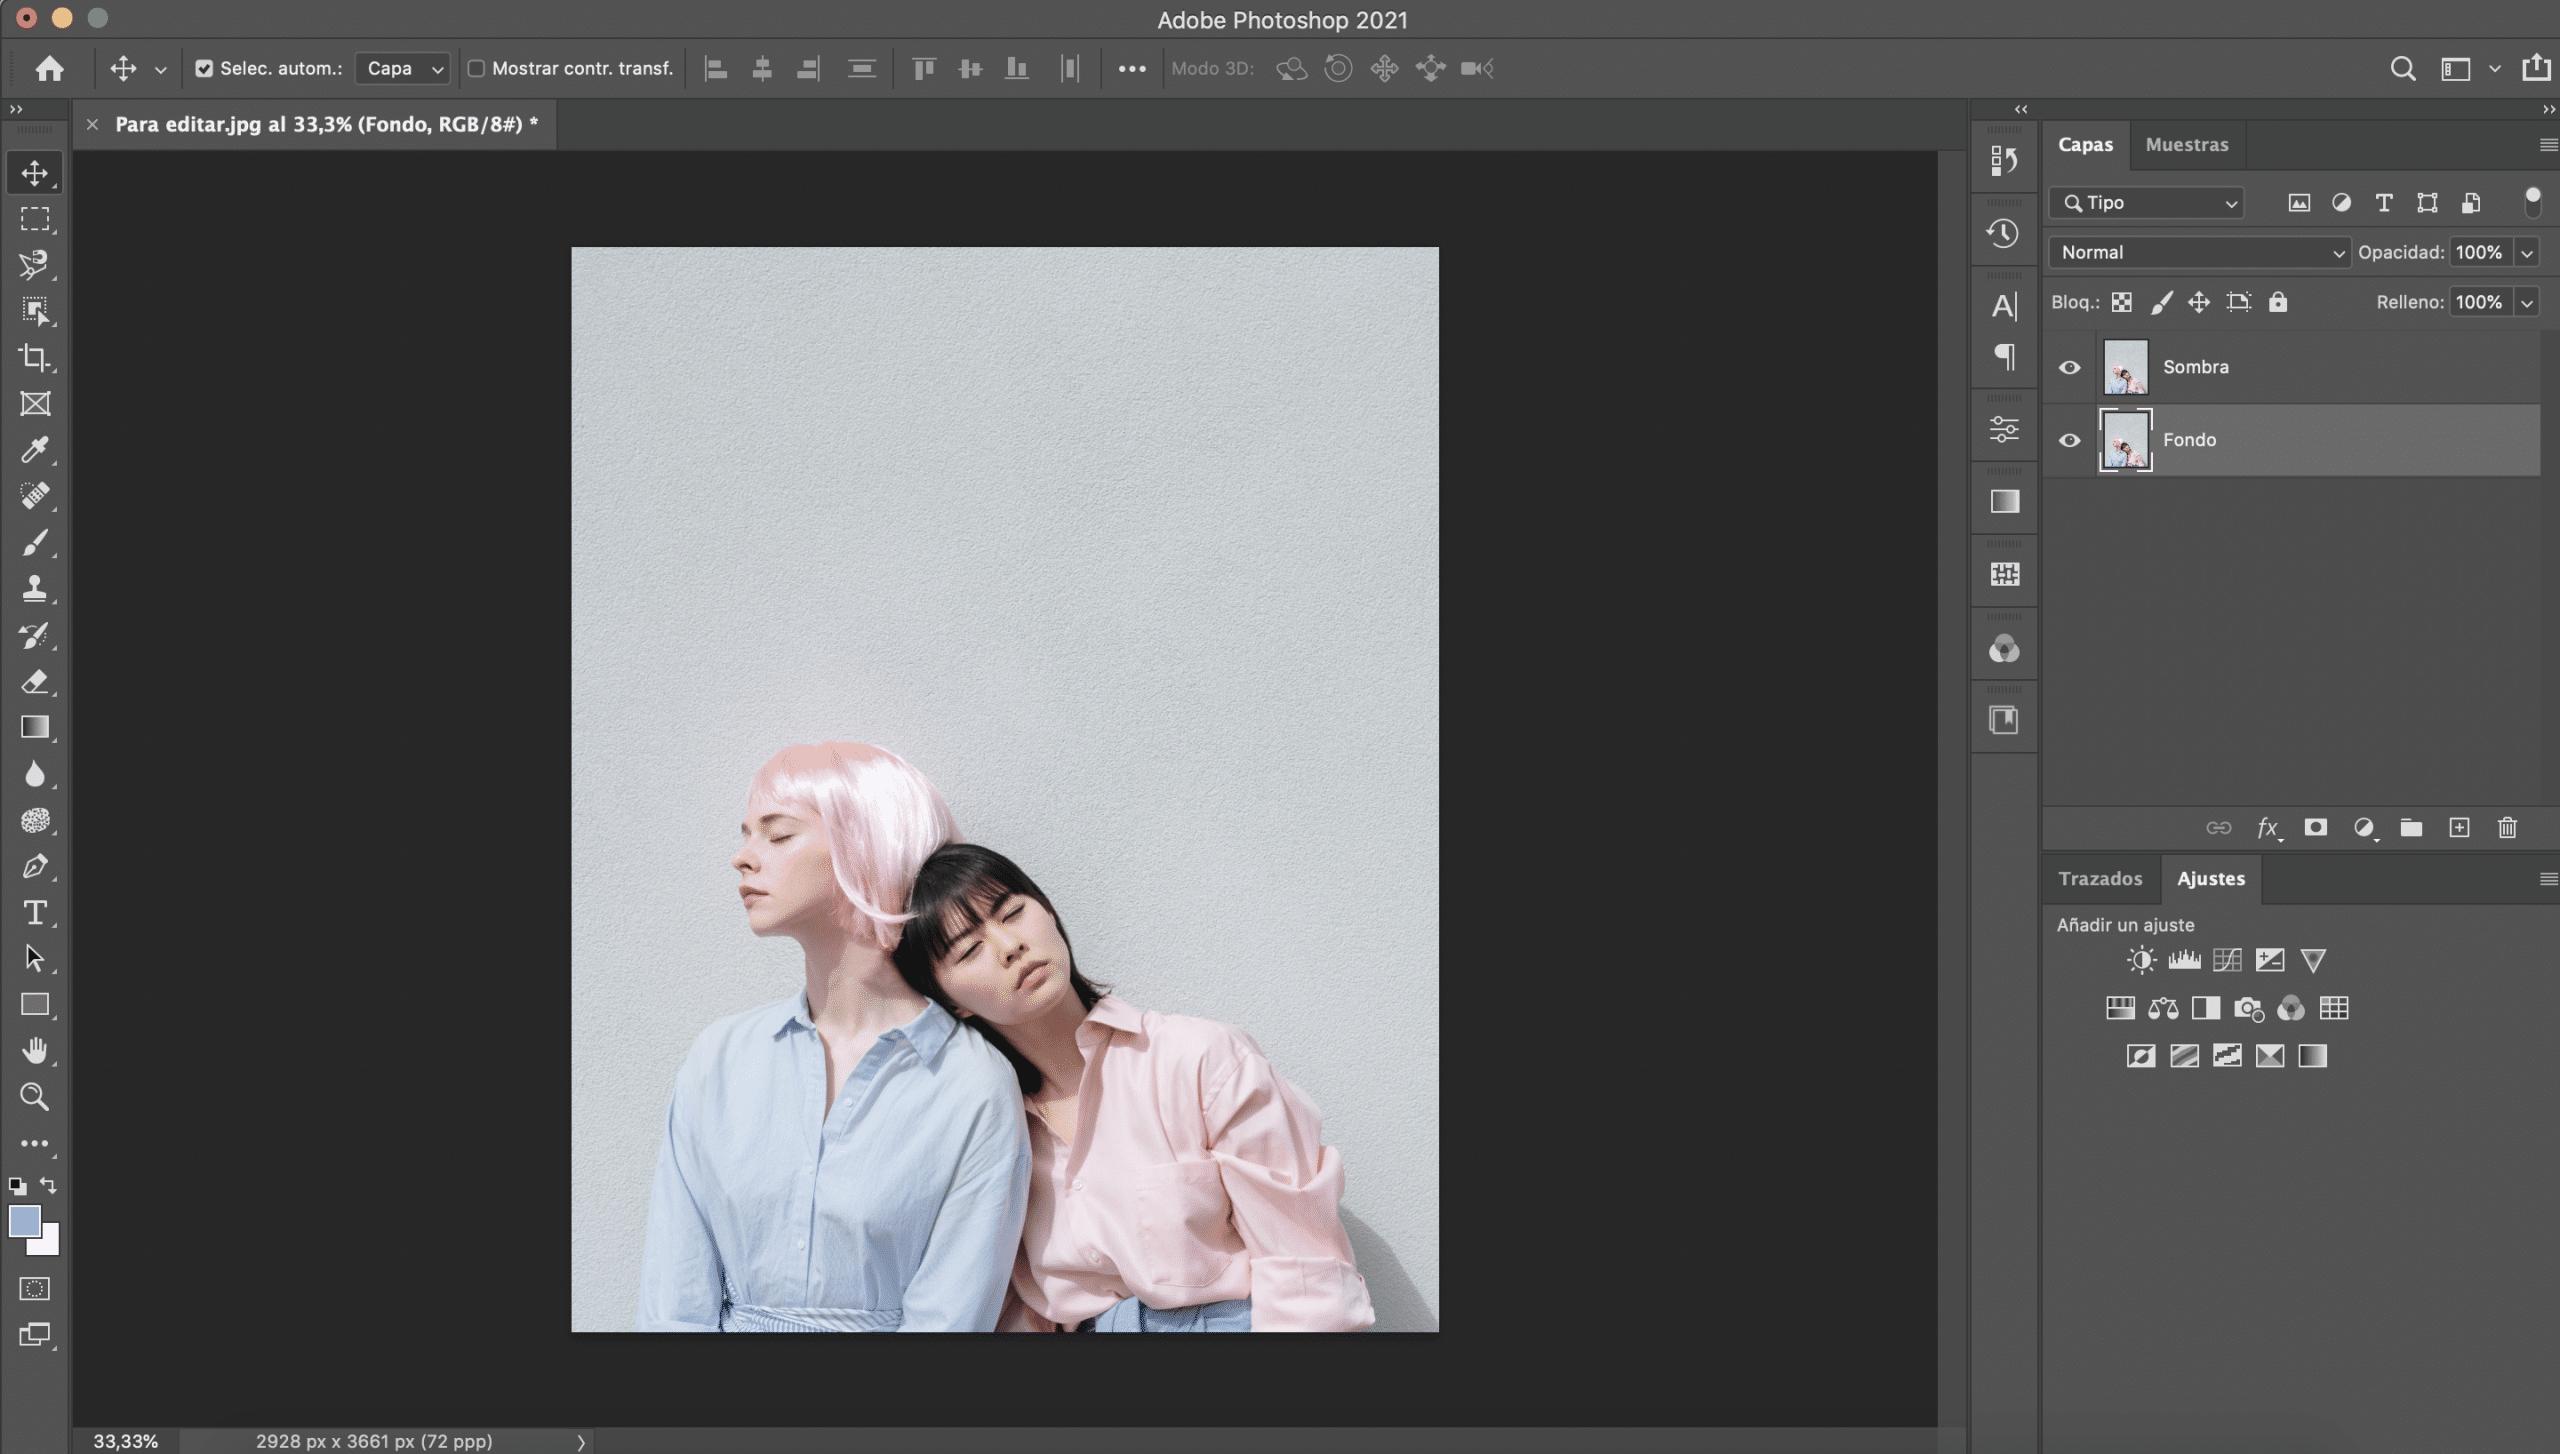 Abrir fotografía en Photoshop y duplicar capa fondo